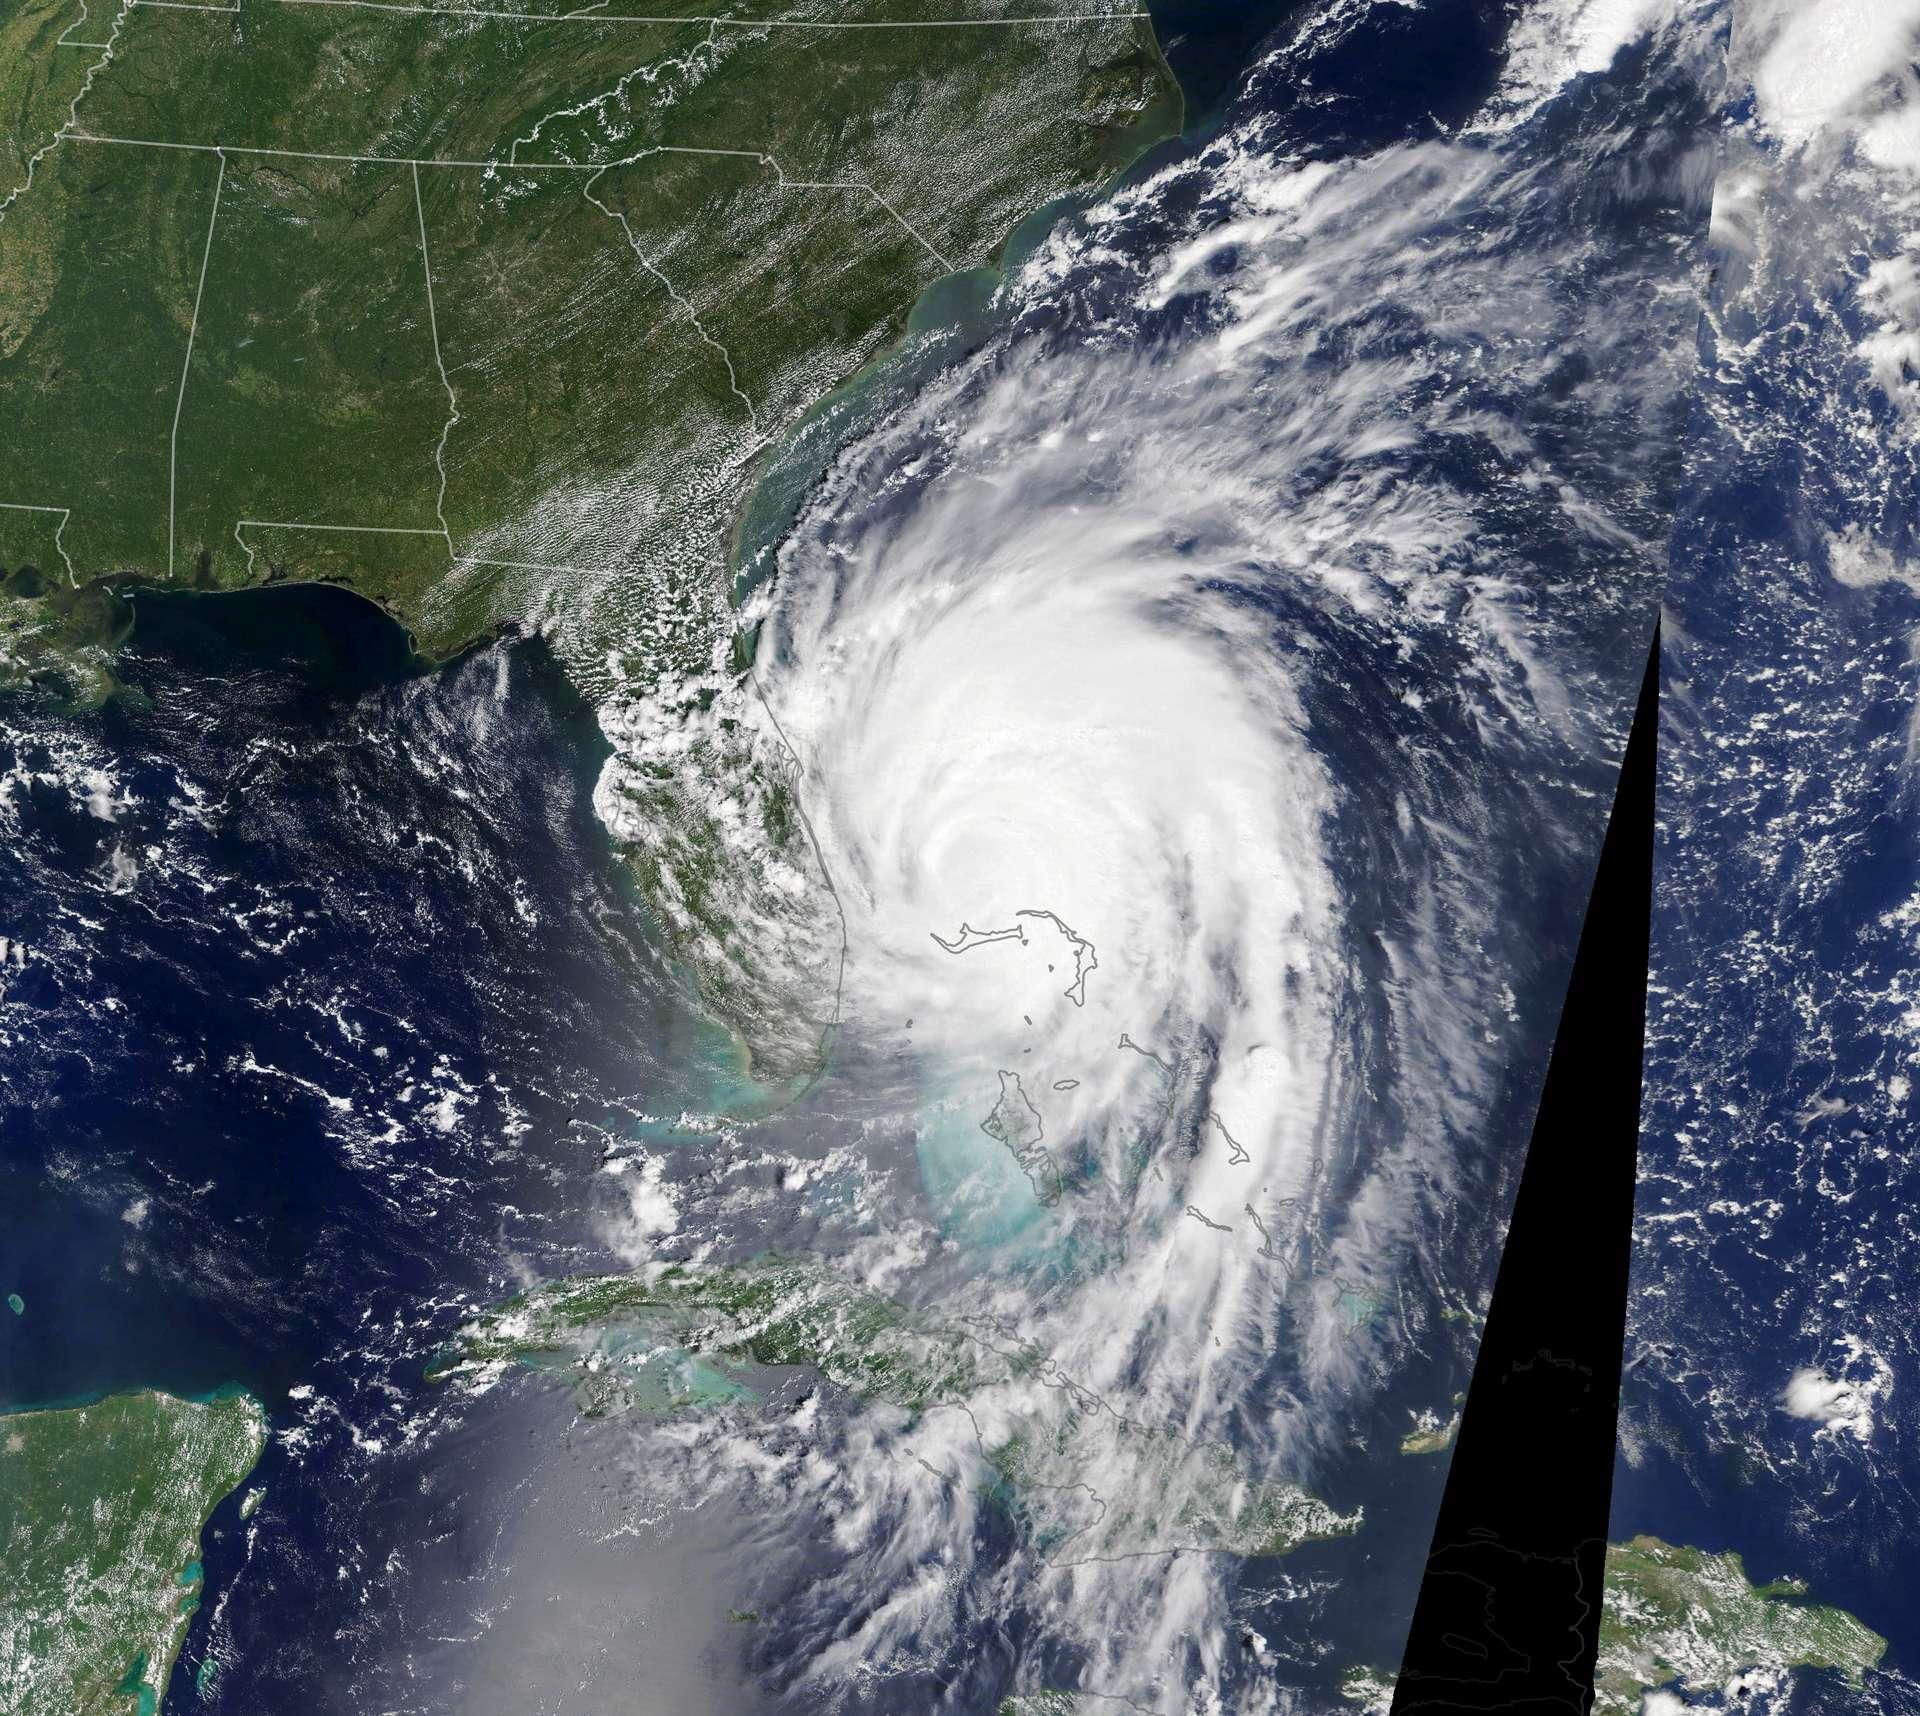 Après avoir dévasté les Bahamas, l'ouragan Dorian arrive à proximité de la Floride le 3 septembre 2019. © Nasa Earth Observatory